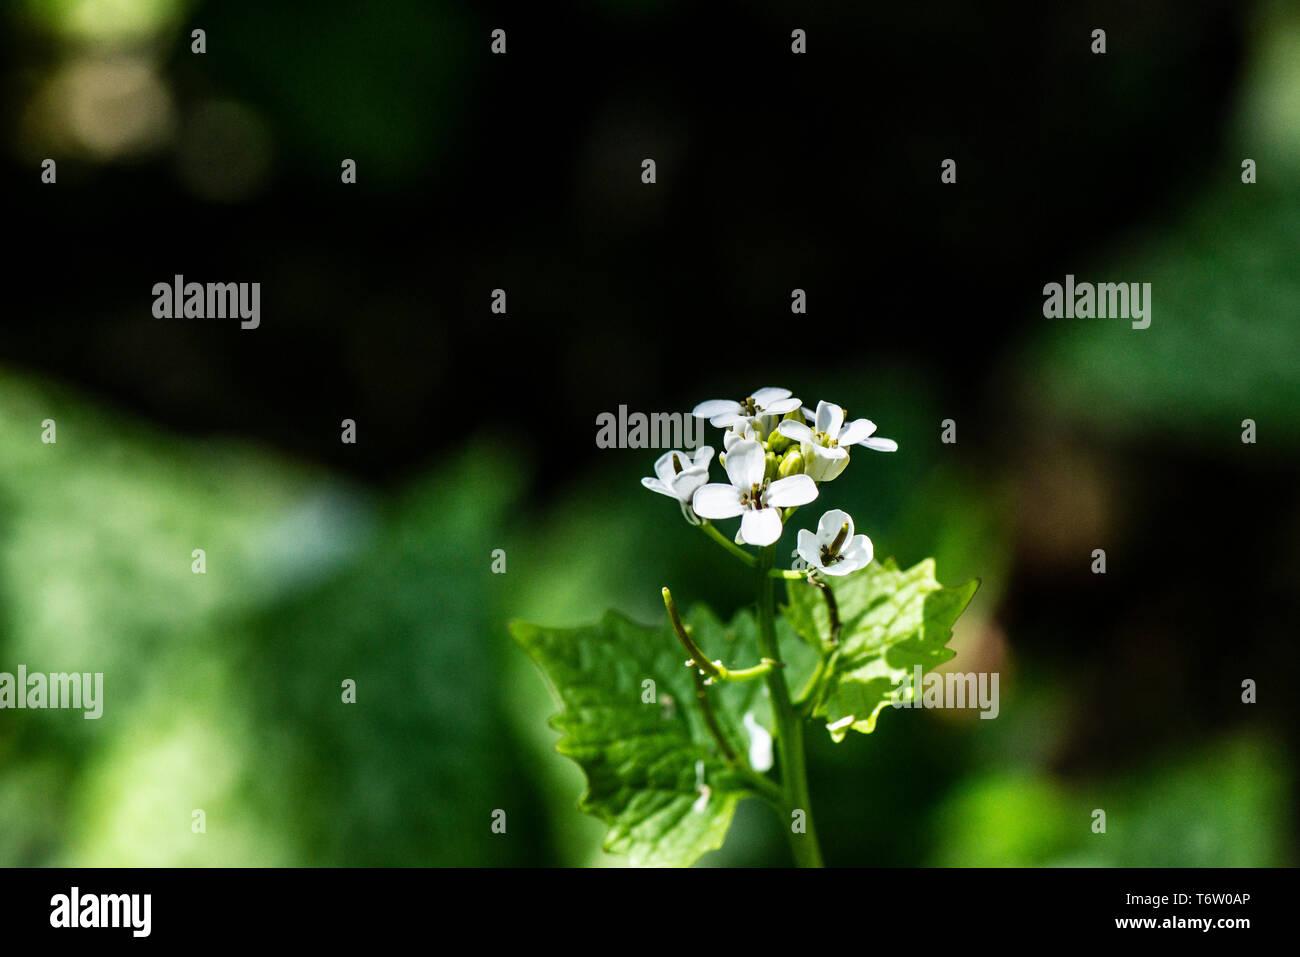 Las flores de un gato-por-la-hedge (Alliaria petiolata) Foto de stock